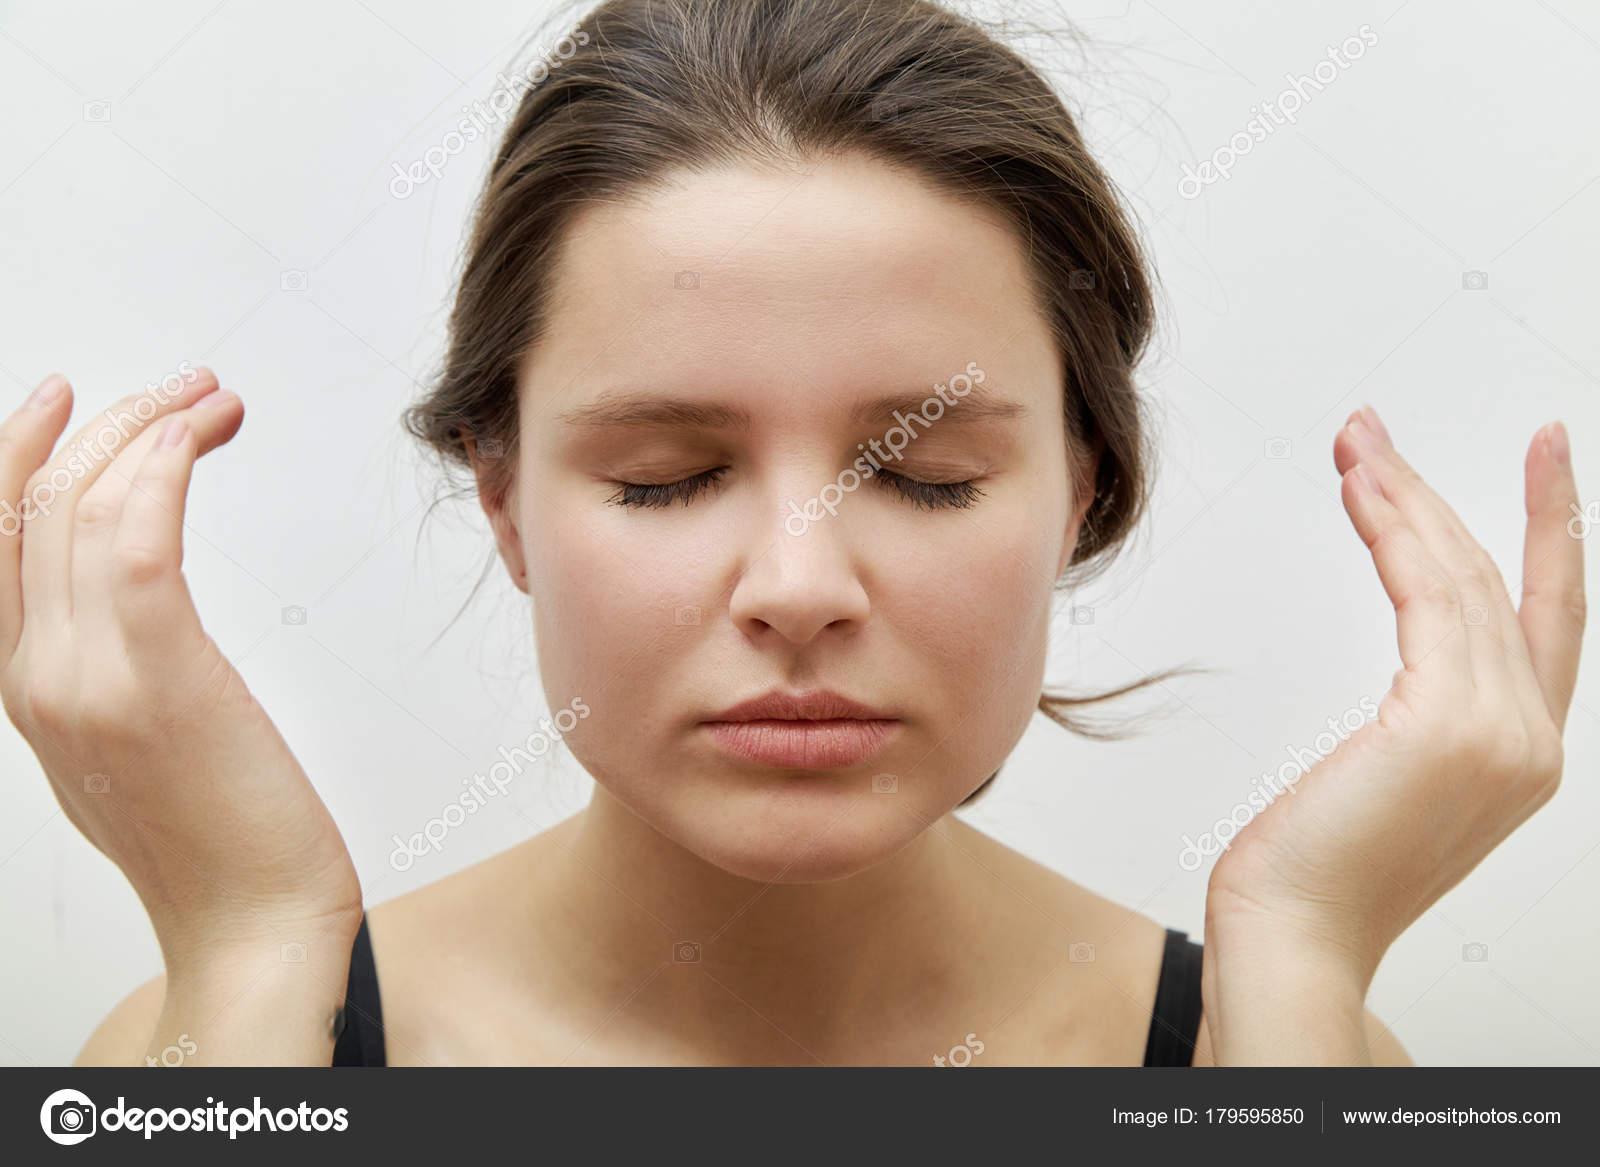 Массаж для лица для молодых девушек эротический массаж выезд санкт петербург